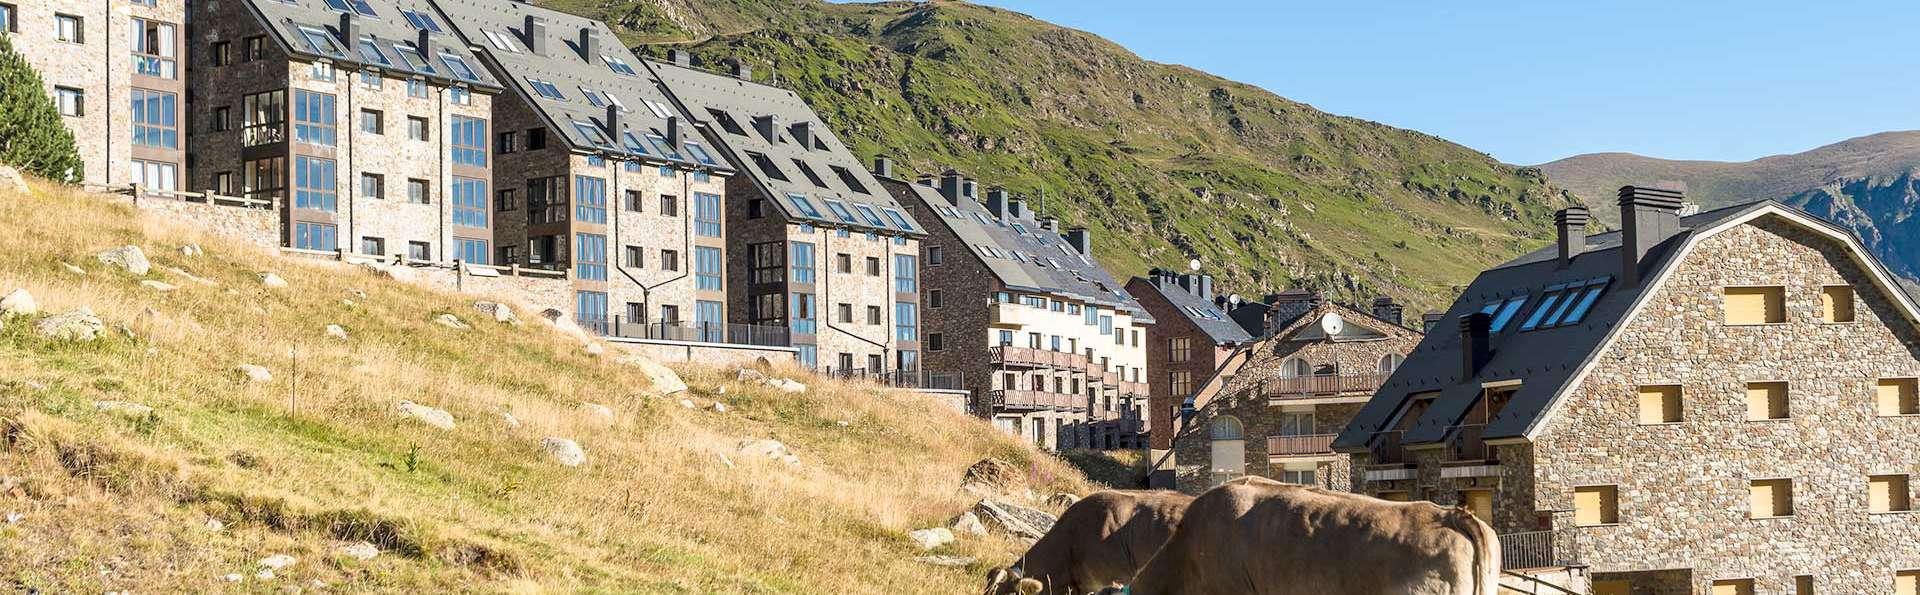 Hotel Grand Pas Premium by Pierre & Vacances - EDIT_DESTINATION_03.jpg